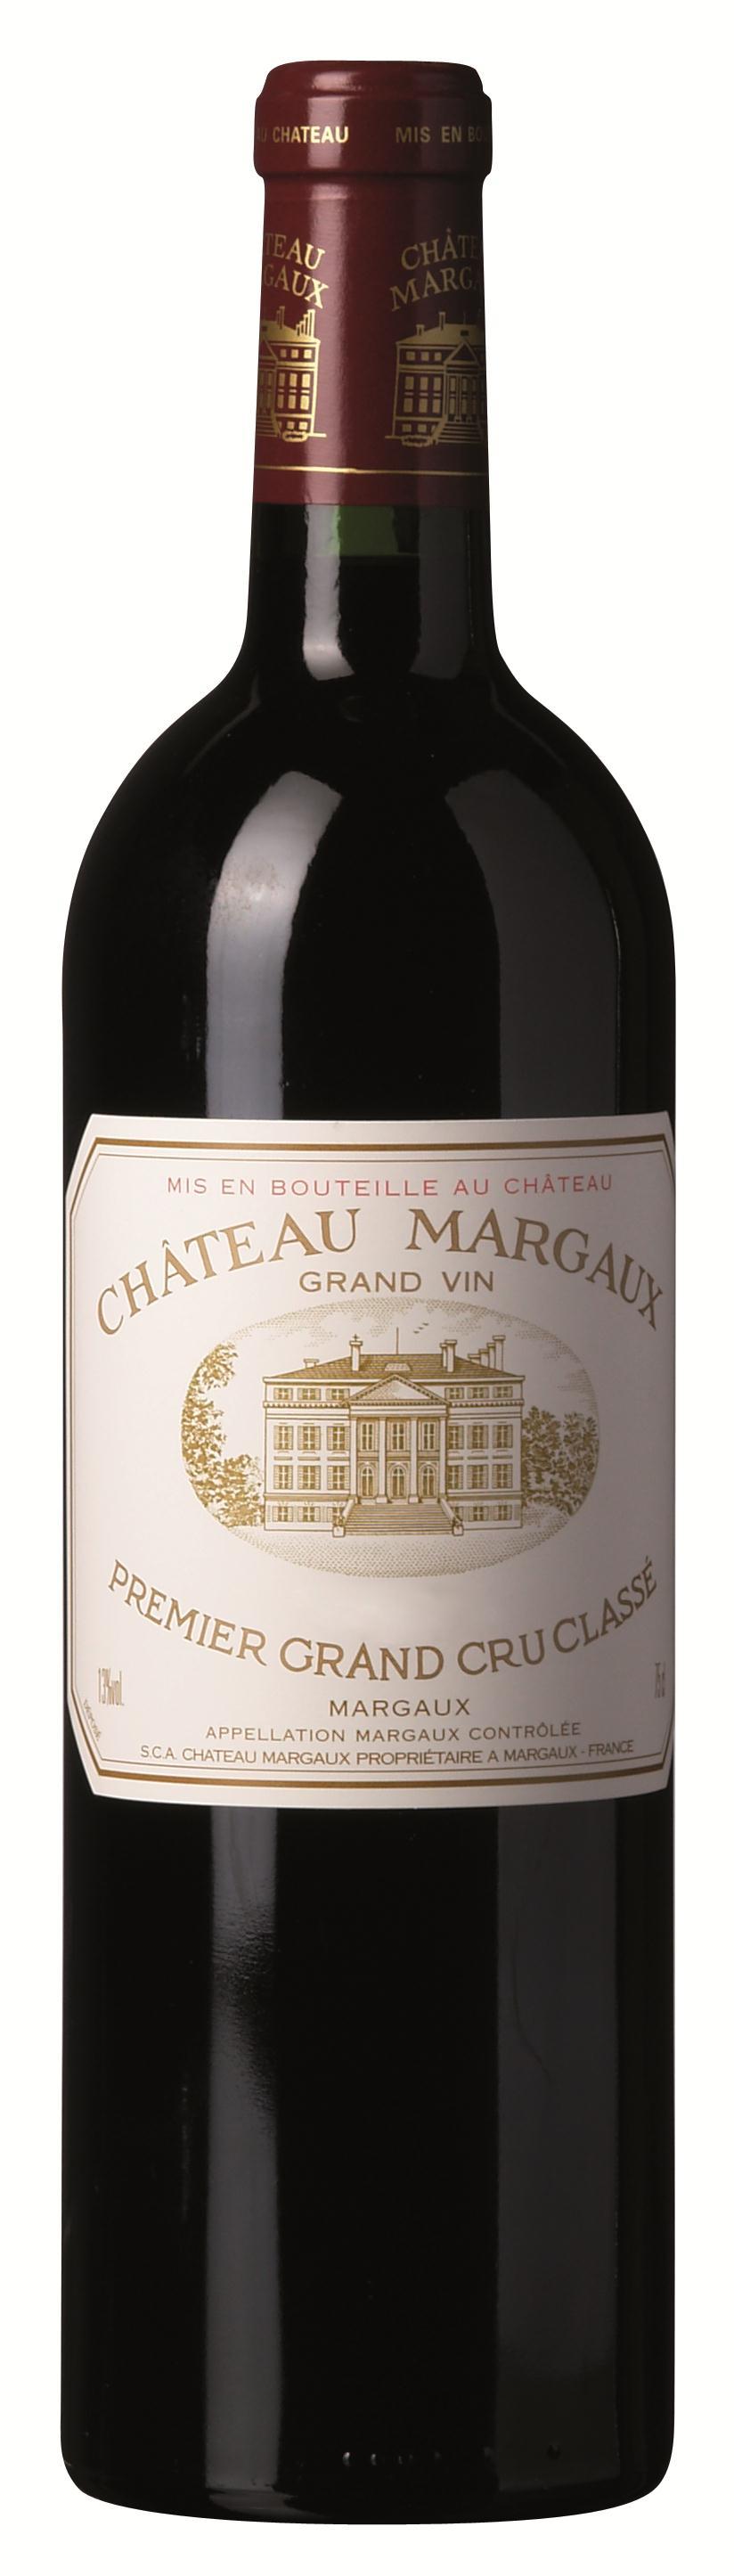 palabras en francés sobre vino-barrica creativa-5